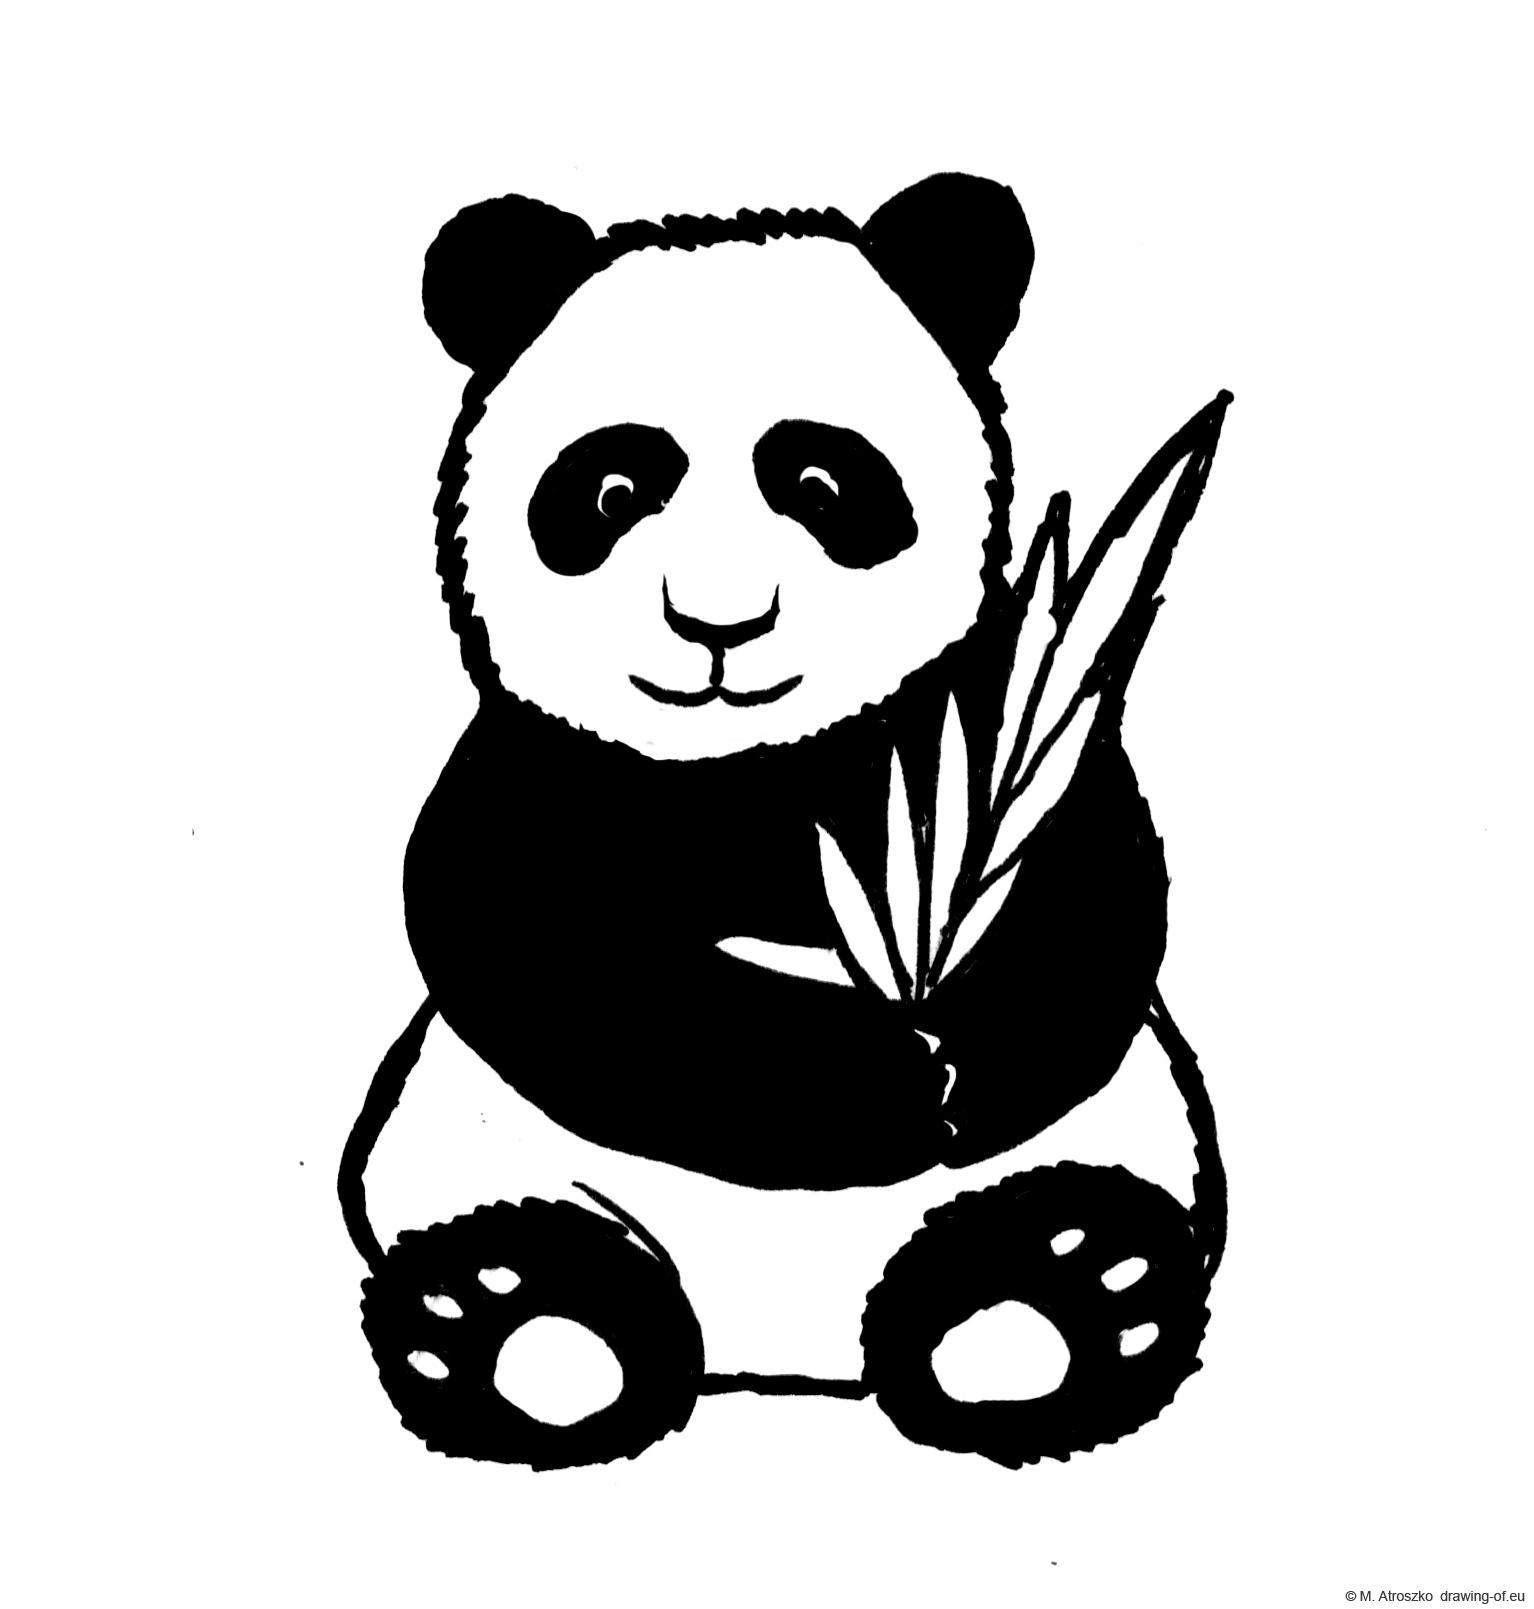 dibujo de oso panda